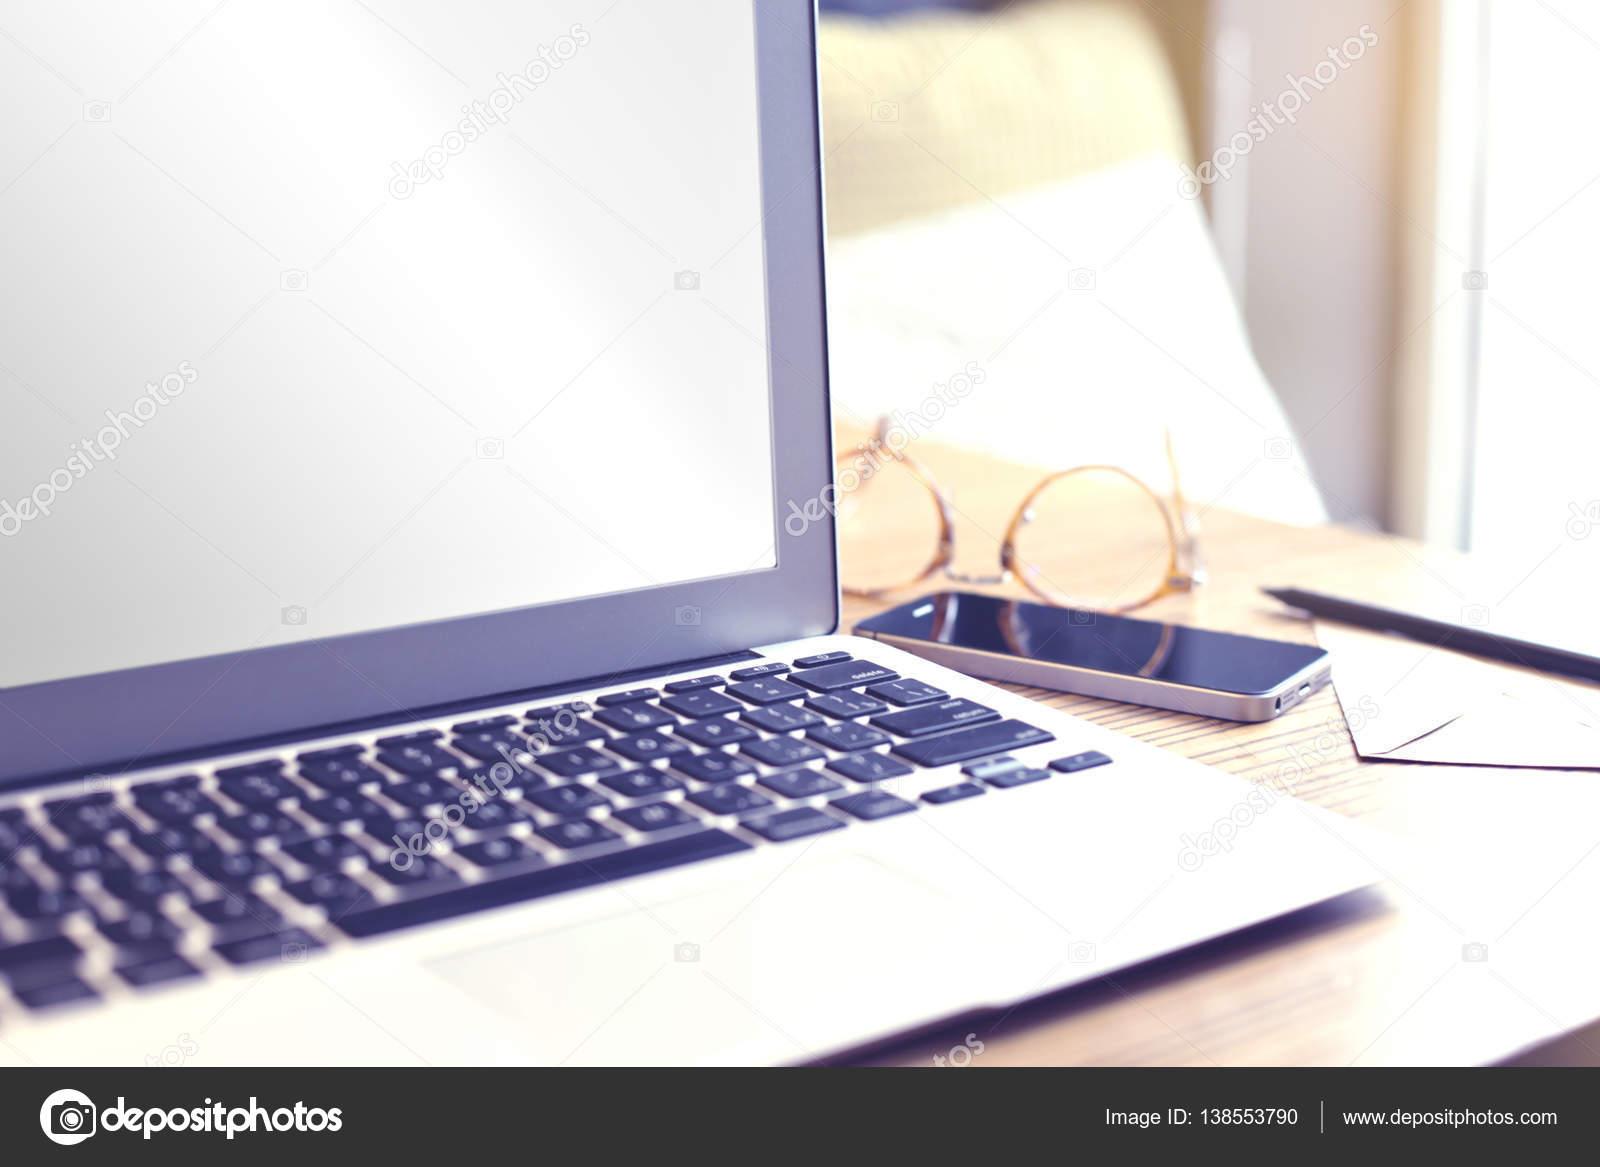 Aperto computer portatile con spazio vuoto sullo schermo per la